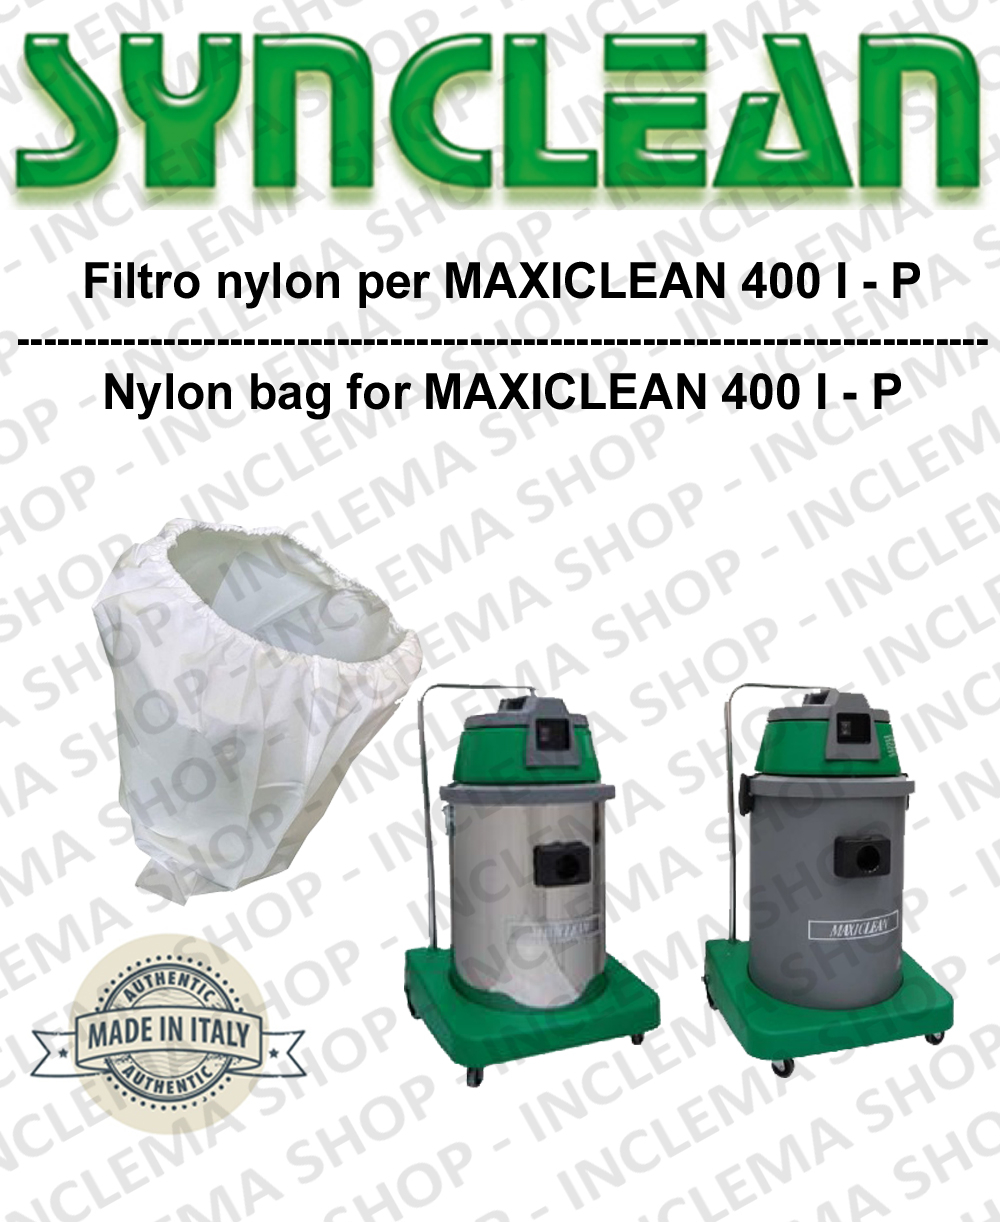 SACCO Filtro de Nylon cod: 3001215 para aspiradora MAXICLEAN Model MX400 BY SYNCLEAN